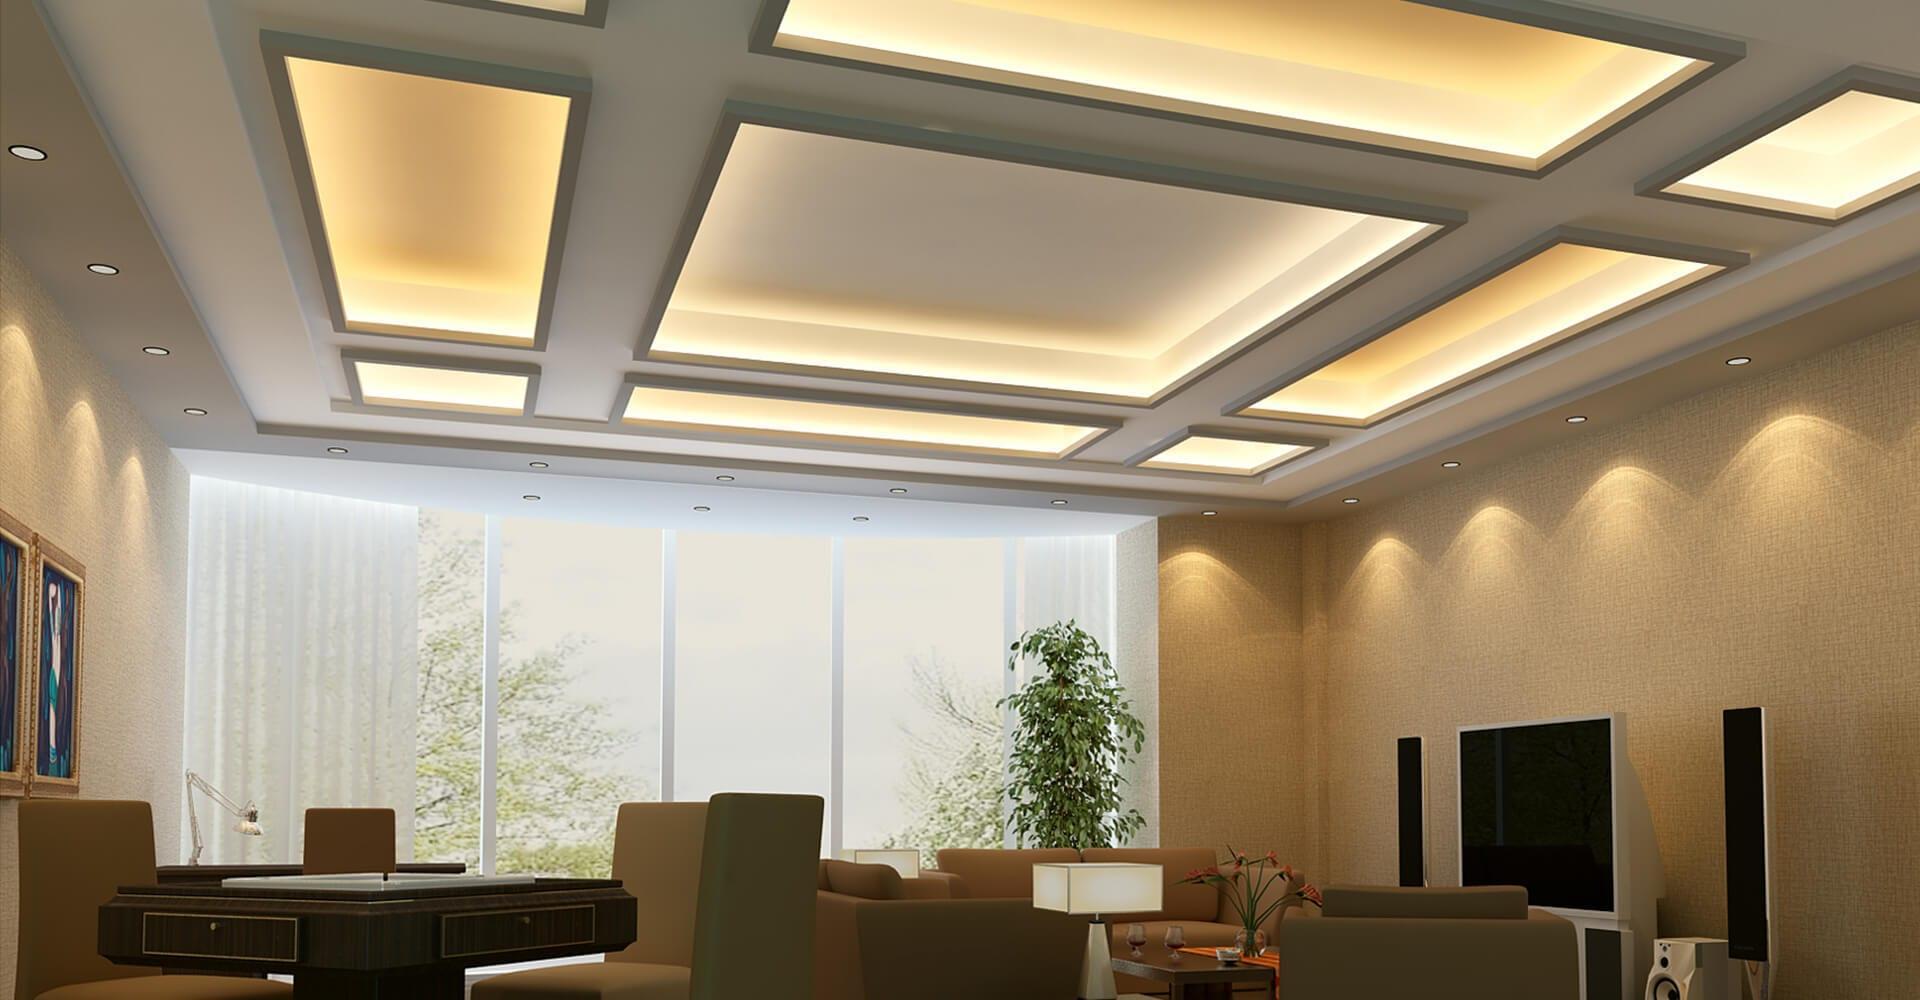 çalışma odası asma tavan